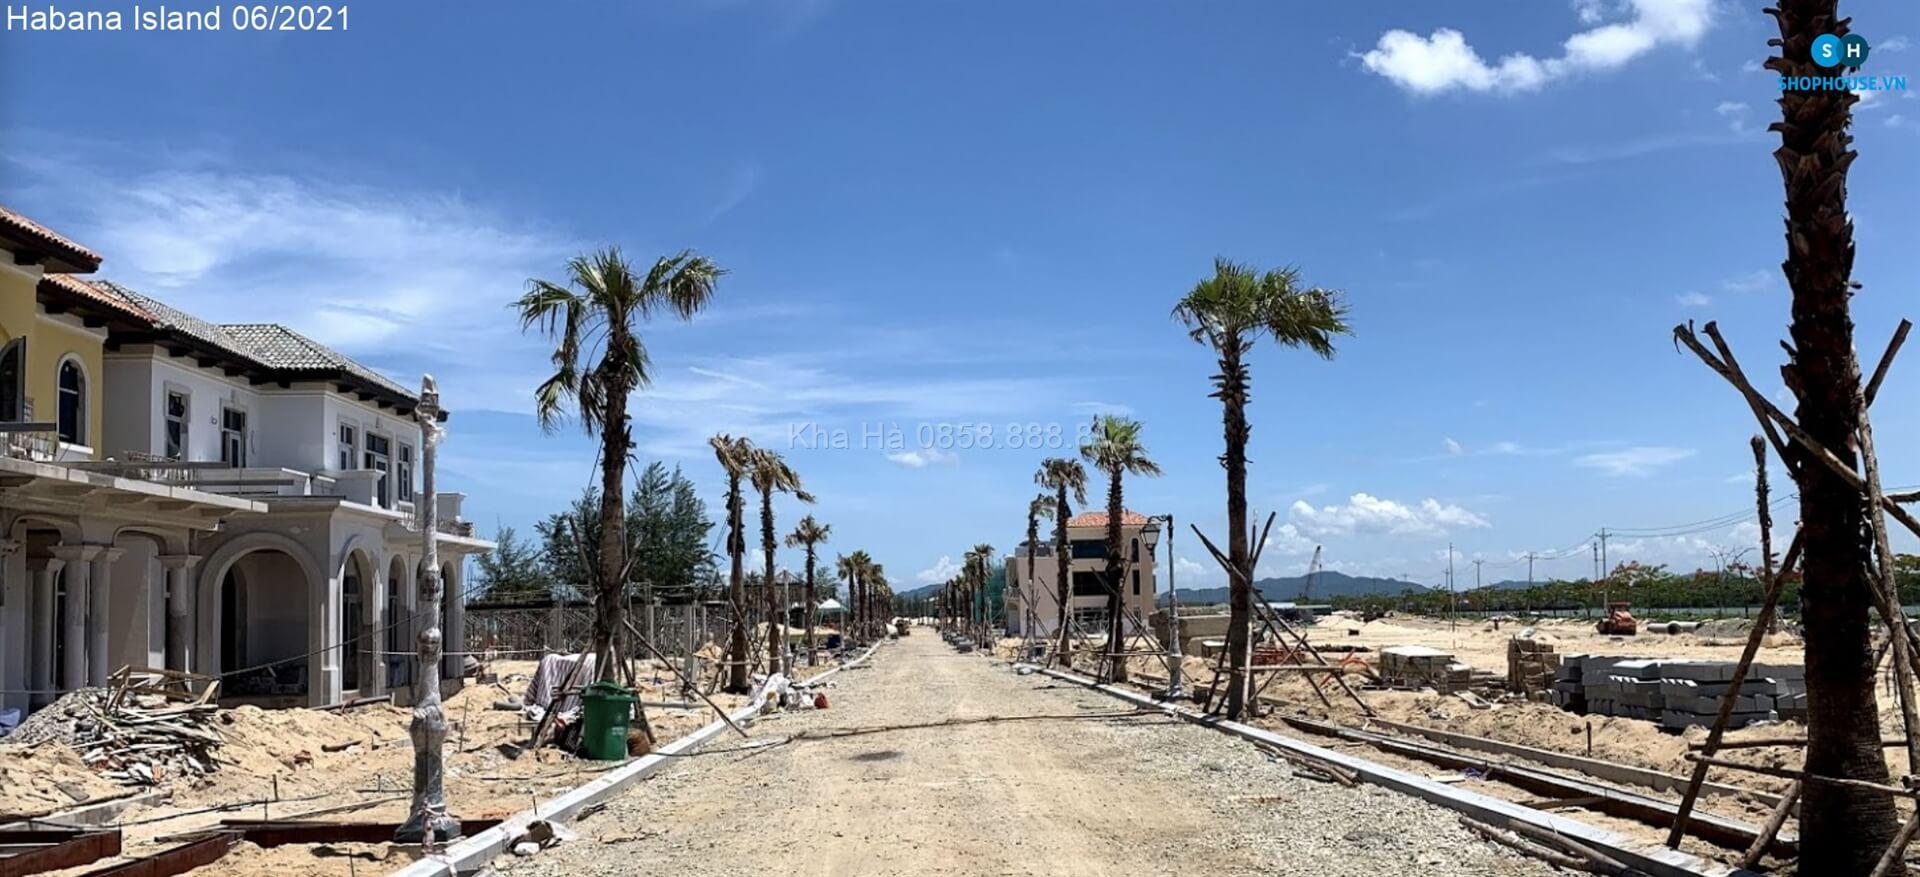 habana-island-tien-do-xay-dung-06-2021-2